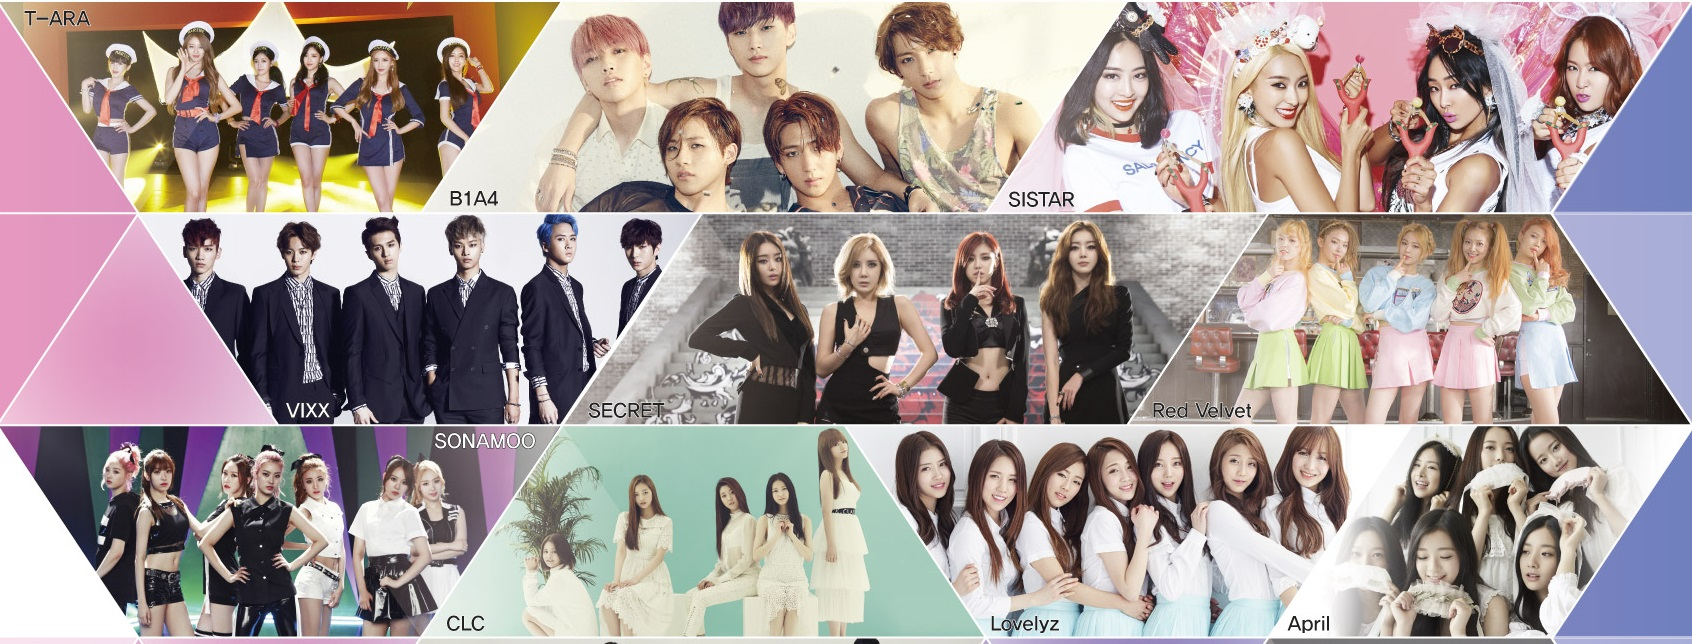 韓流ドリームフェスは韓国で行われるK-POPアーティストのお祭り!